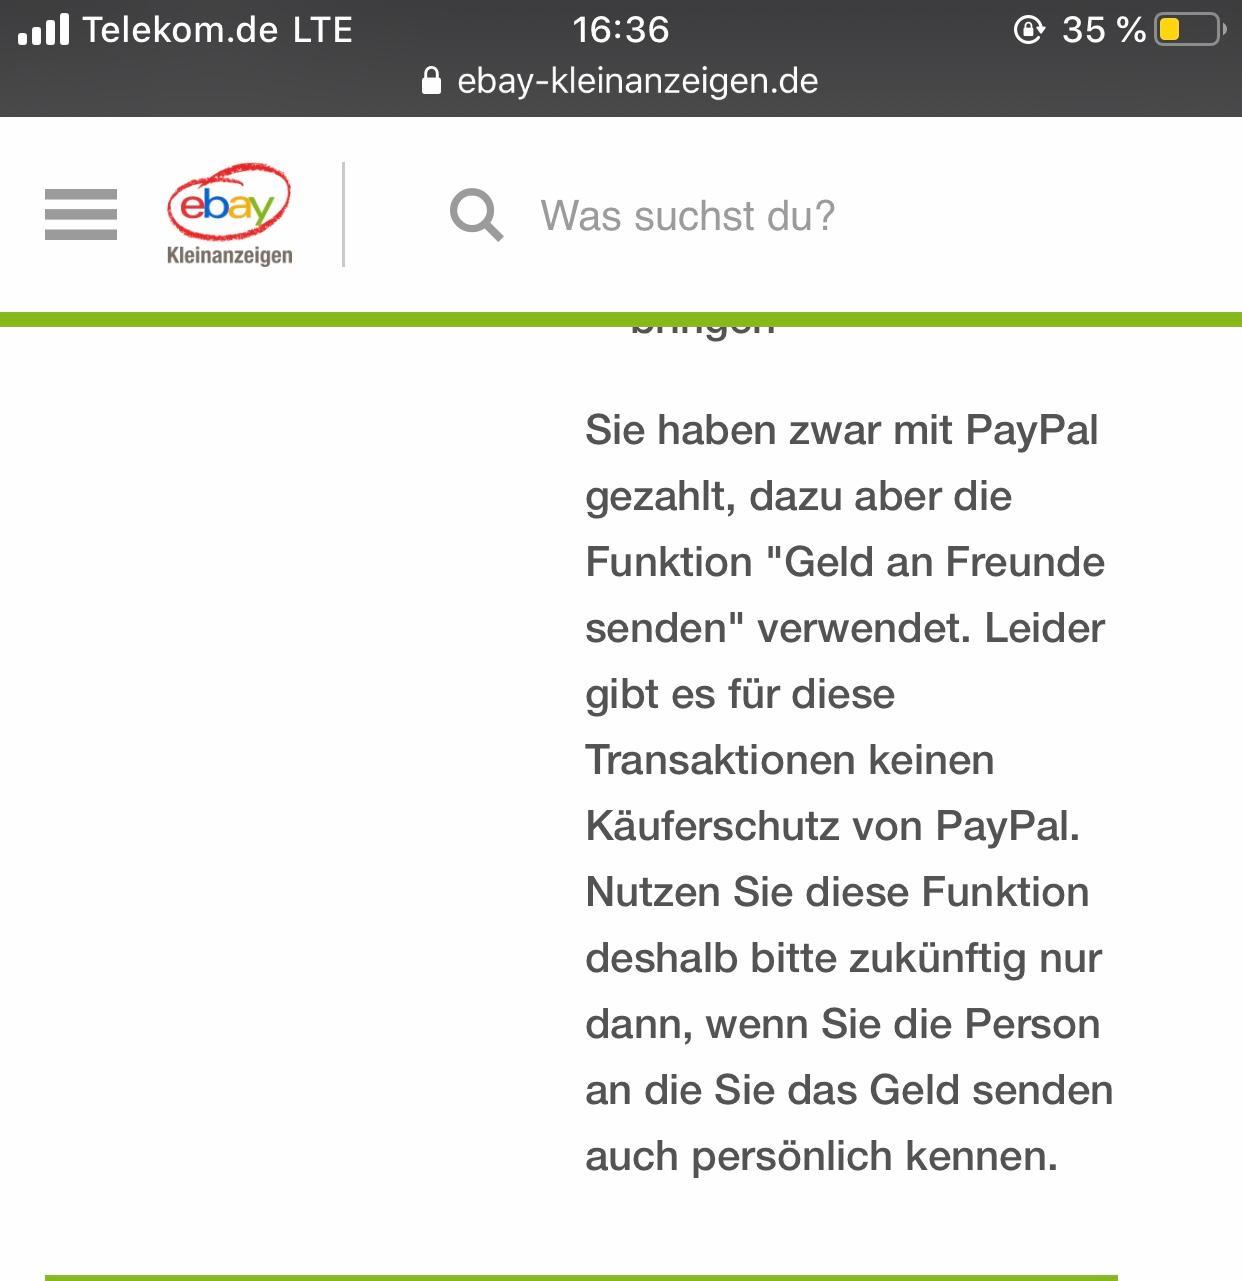 Wie Funktioniert Paypal Bei Ebay Kleinanzeigen